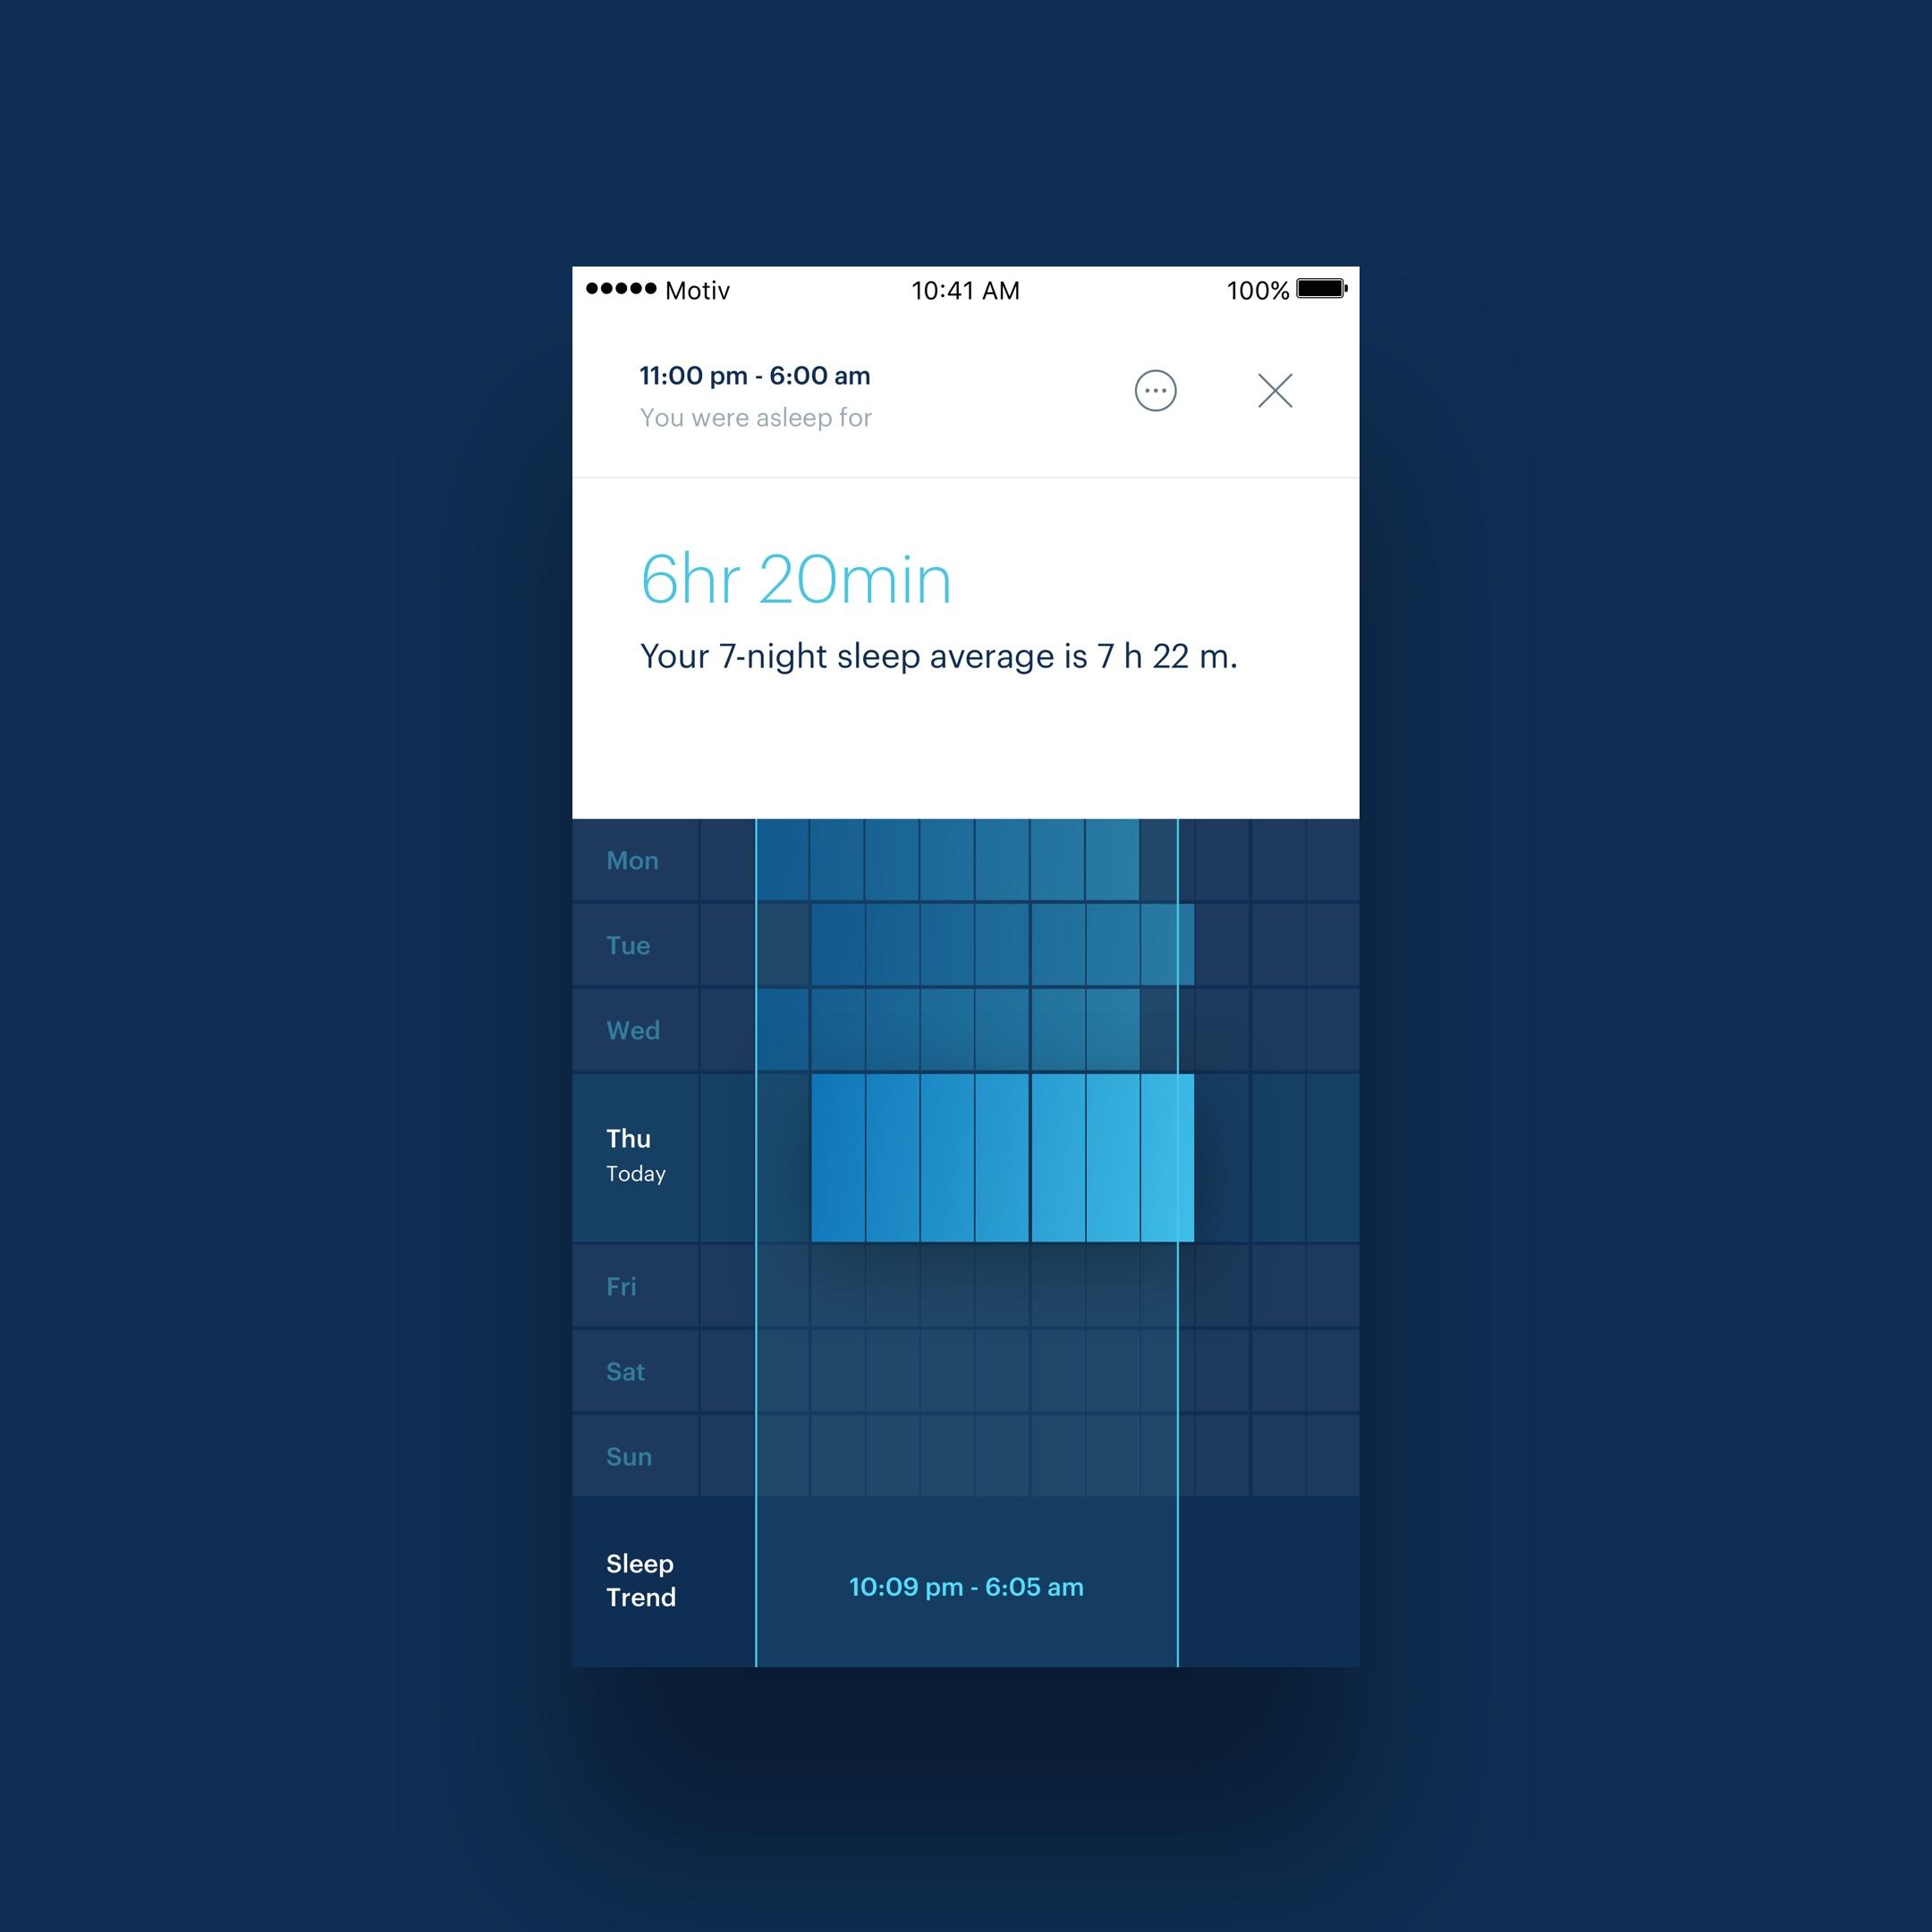 app-core-sleep@2x.jpg